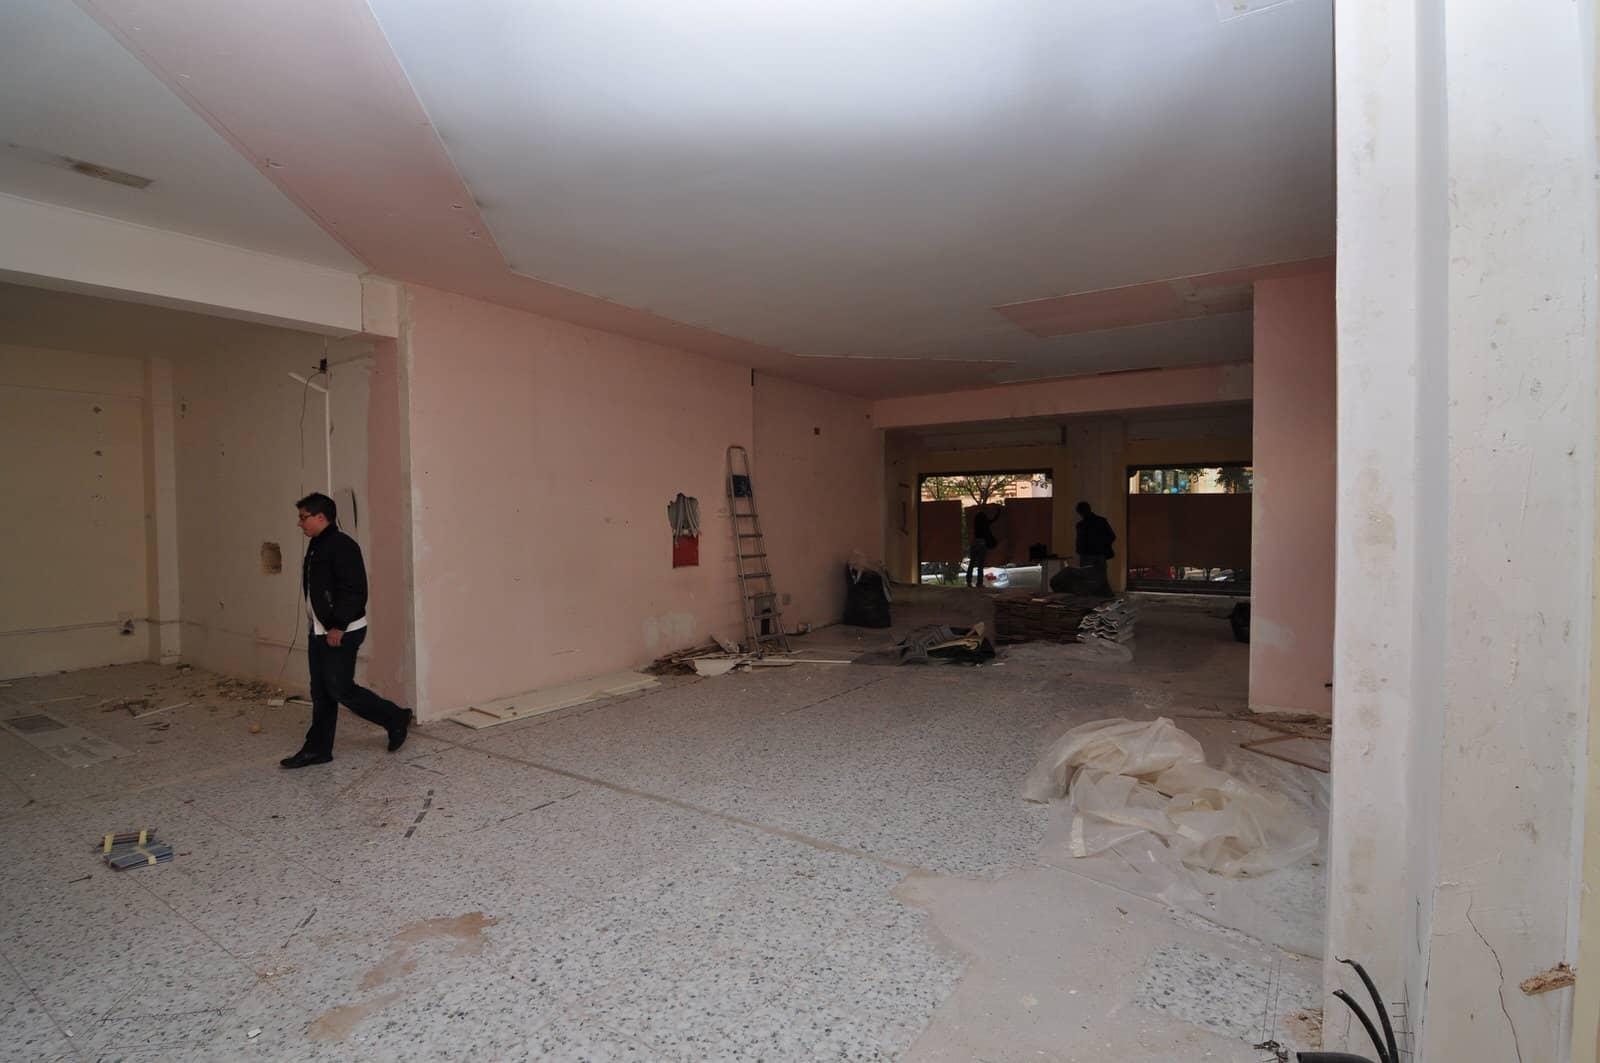 Centro estetico Anna Mari - Ristrutturazione